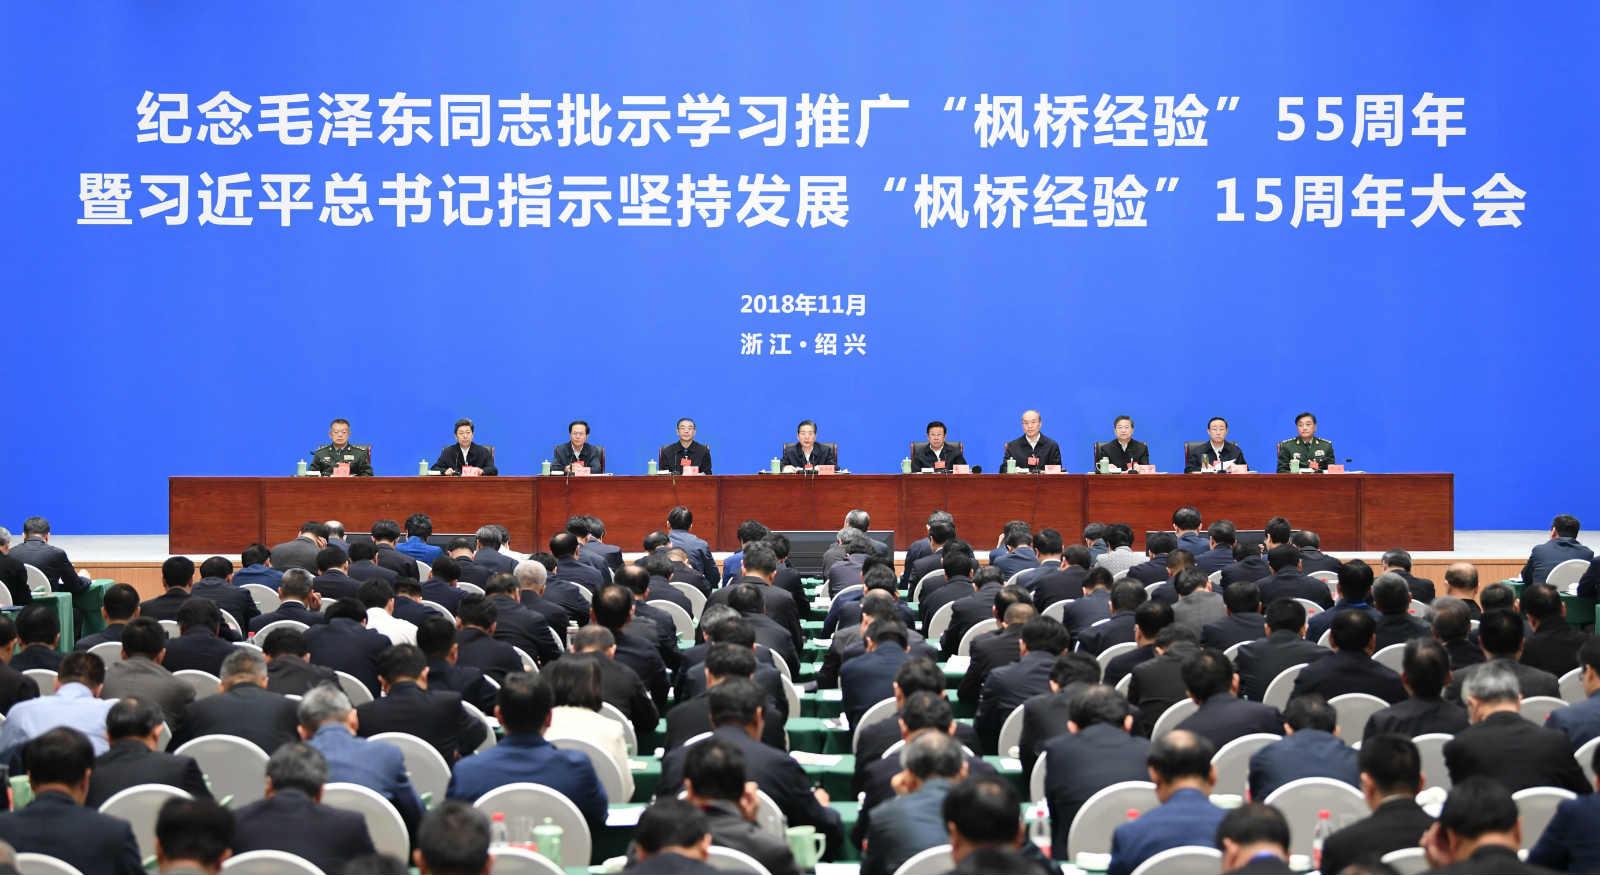 郭声琨 坚持发展新时代 枫桥经验 加快推进基层社会治理现代化